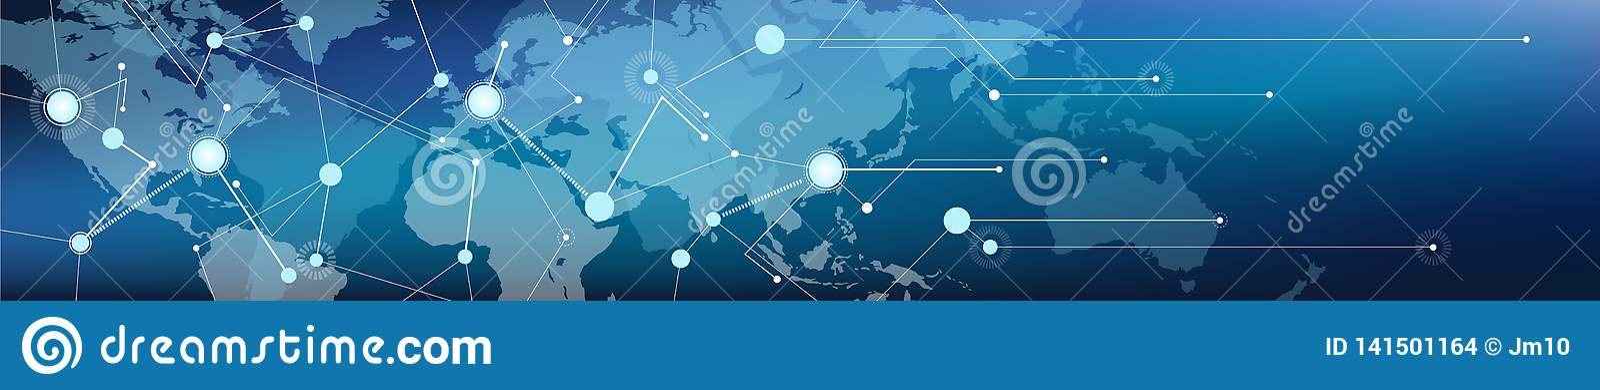 被连接的世界地图横幅–通信/后勤学和运输/商务、数字化和连通性